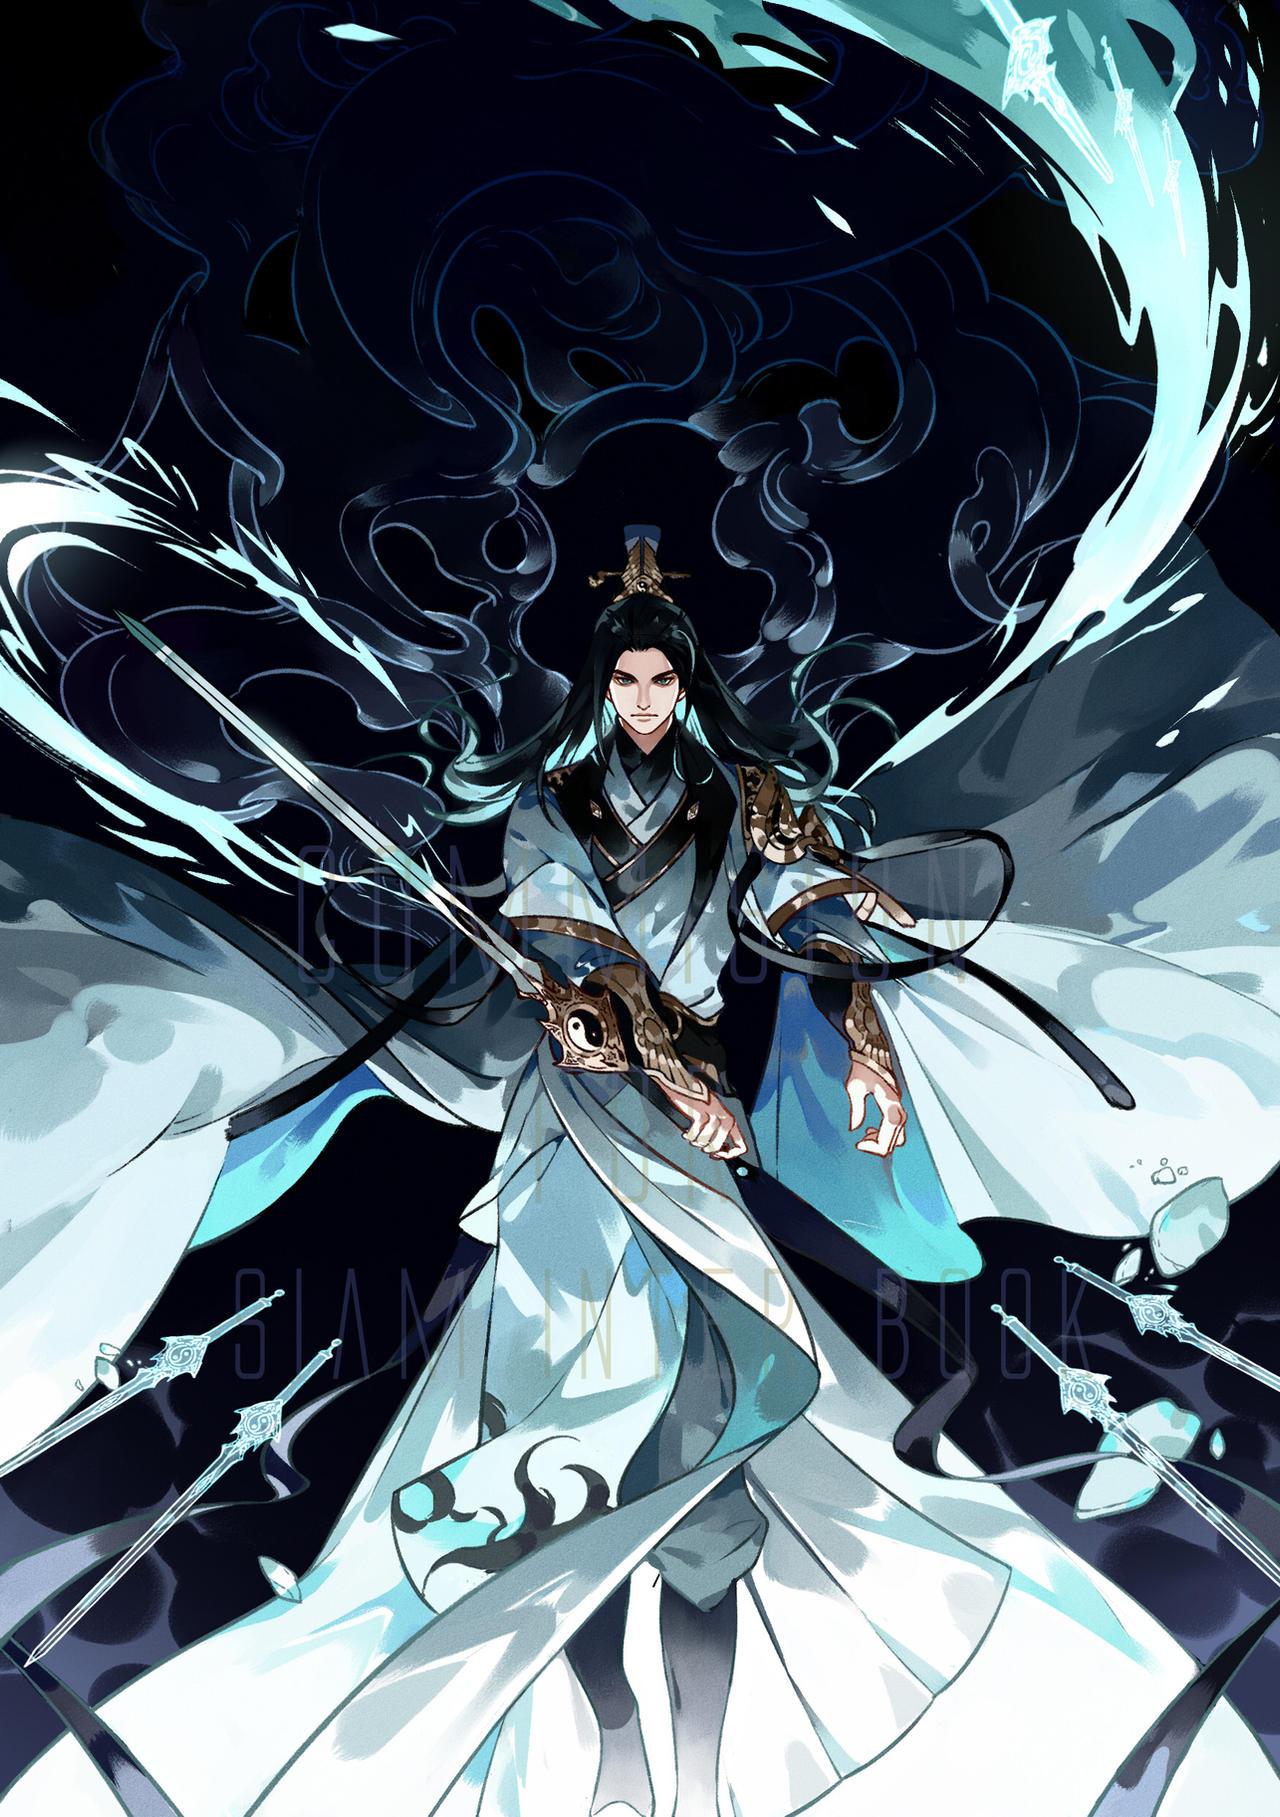 __cm___novel_cov___seeking_the_flying_sword_path_by_sabay_d_der_ddhjtwf-fullview.jpg?token=eyJ0eXAiOiJKV1QiLCJhbGciOiJIUzI1NiJ9.eyJzdWIiOiJ1cm46YXBwOiIsImlzcyI6InVybjphcHA6Iiwib2JqIjpbW3siaGVpZ2h0IjoiPD0xODE3IiwicGF0aCI6IlwvZlwvMjliMzdmZDUtODZlYS00M2IwLTlkMzEtOGRkY2ViYzU3NTEwXC9kZGhqdHdmLTI3YmQ4NWYyLTJlYTMtNGVlZC1hNTlmLWExMzFiY2ViNGZmYy5qcGciLCJ3aWR0aCI6Ijw9MTI4MCJ9XV0sImF1ZCI6WyJ1cm46c2VydmljZTppbWFnZS5vcGVyYXRpb25zIl19.1VF5yD2p_sobP07ExXeKc9eEOxZuw1n-TnoGbWrnFOw